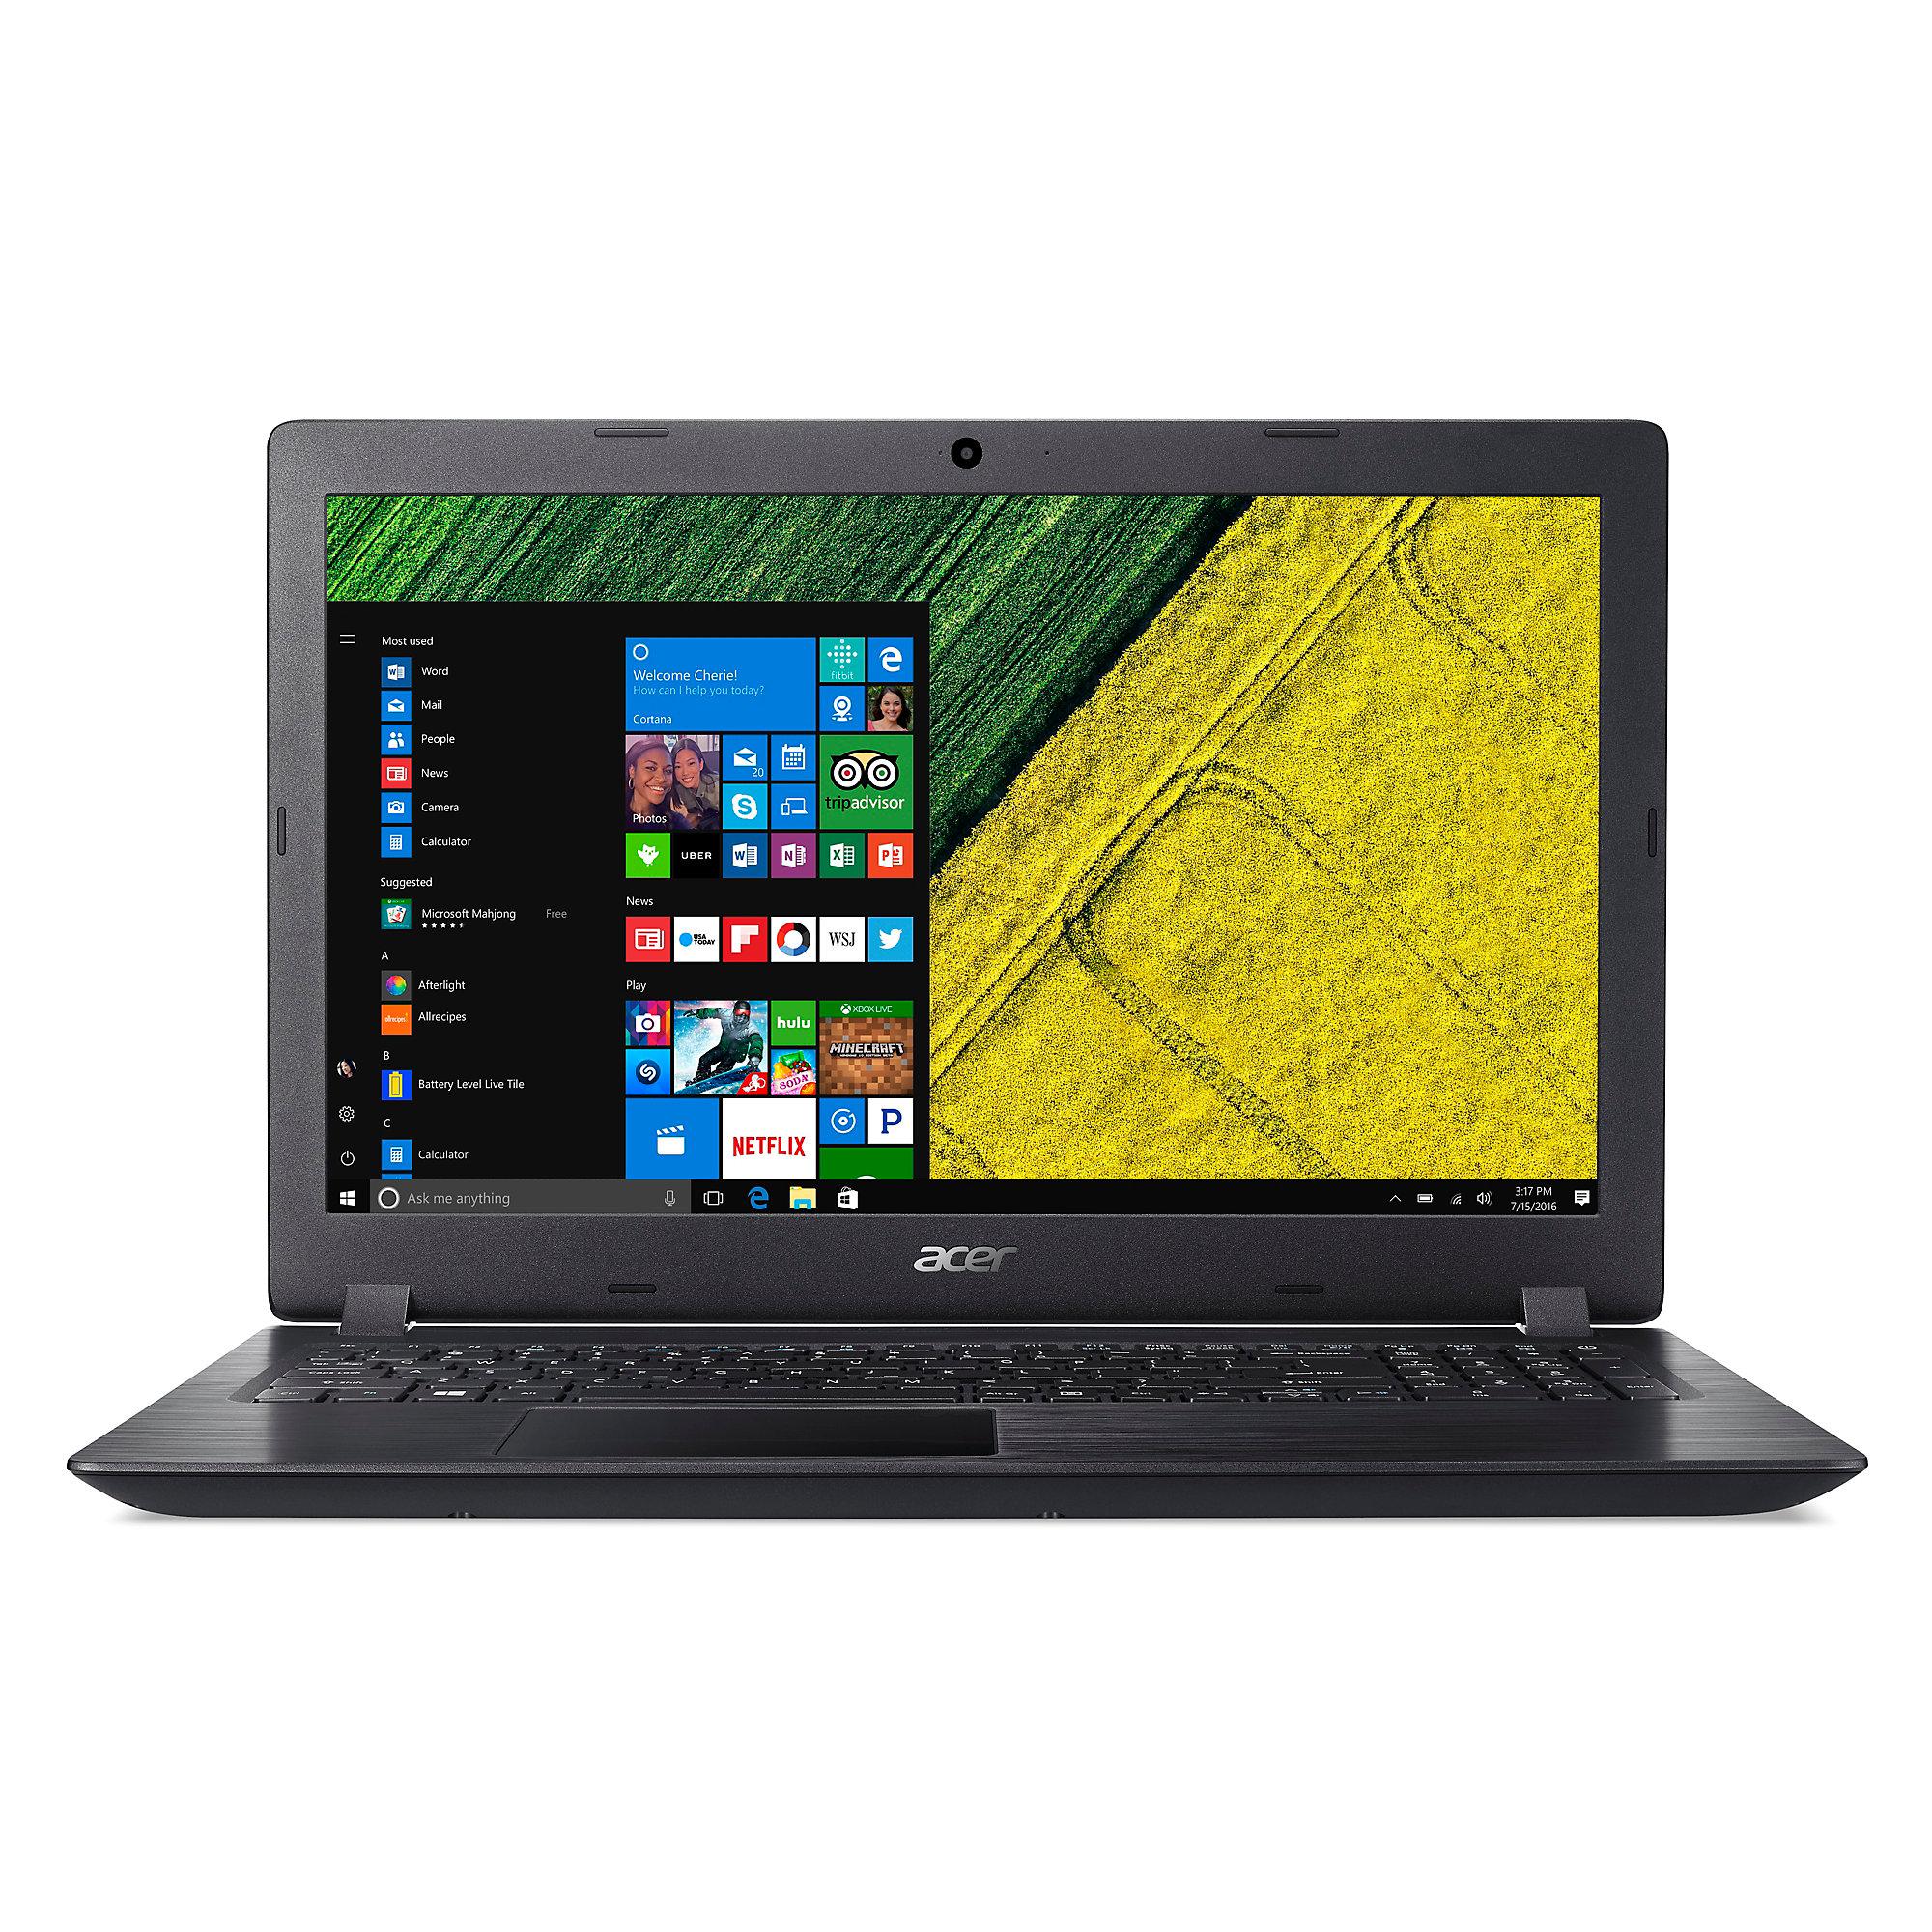 Acer Aspire 3040 Wireless LAN Treiber Windows 7